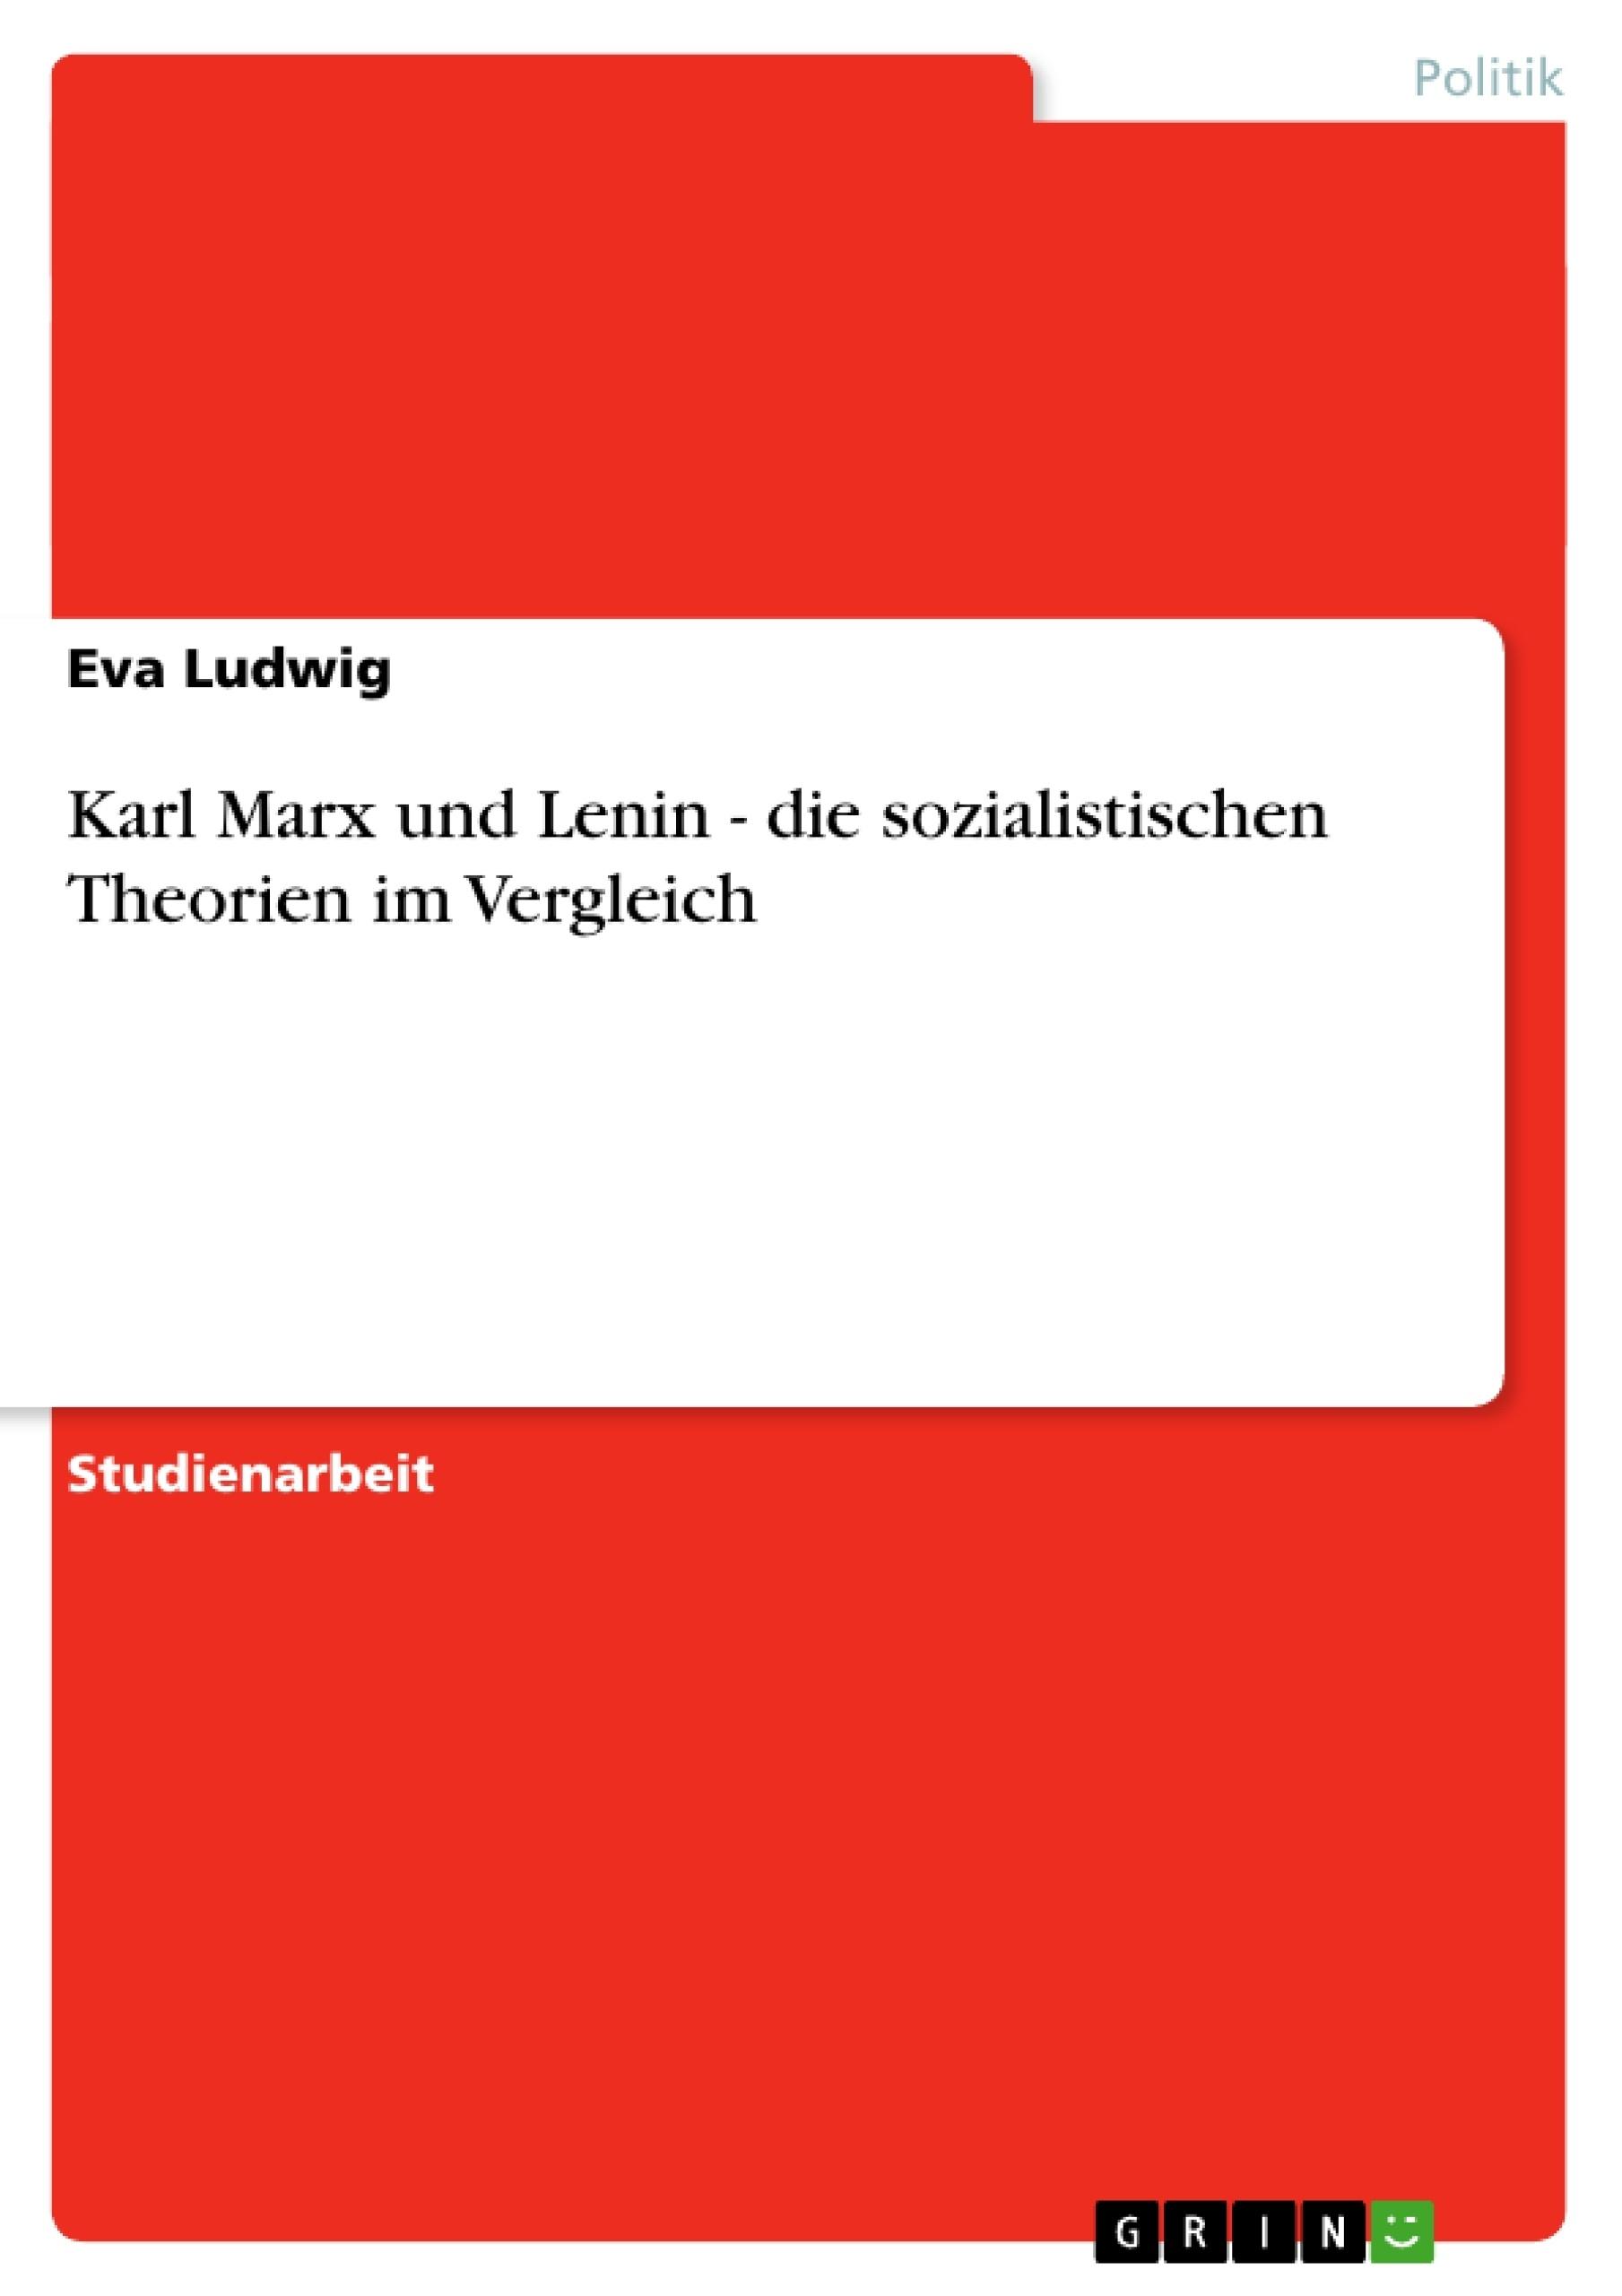 Titel: Karl Marx und Lenin - die sozialistischen Theorien im Vergleich